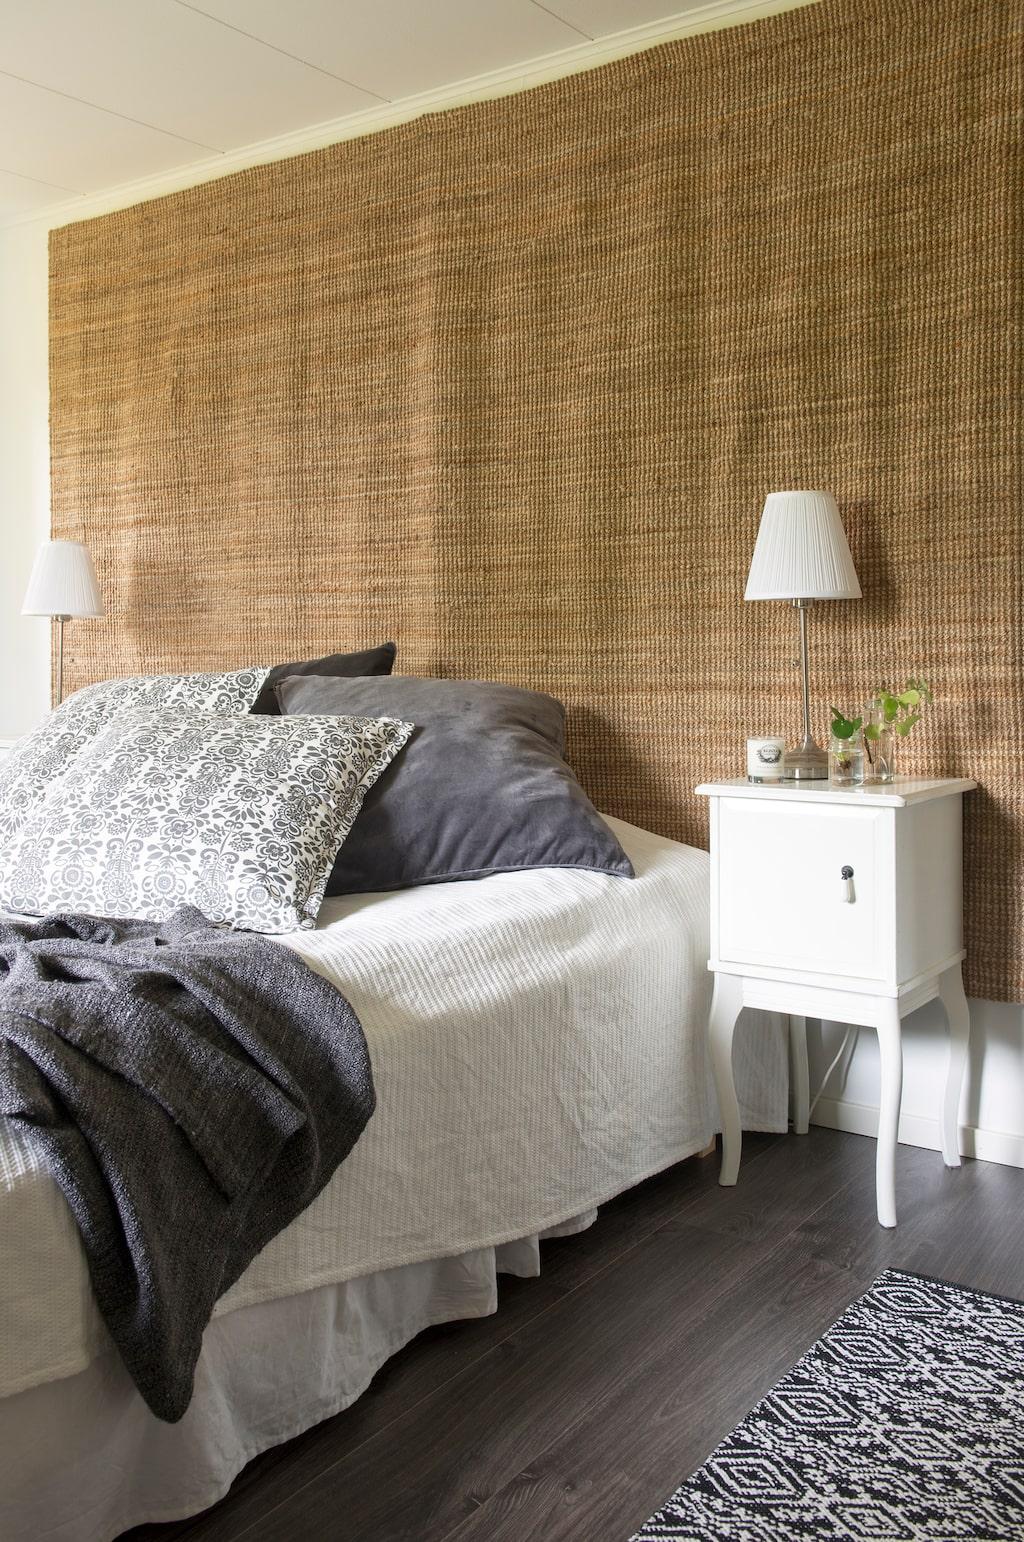 Alternativ gavel. I stället för sänggavel har Vanessa klätt väggen med en stor jutematta från Ikea. På sängbordet står två sticklingar av pilea och murgröna och ett doftljus från Klinta. Sängbord och lampor från Ikea.